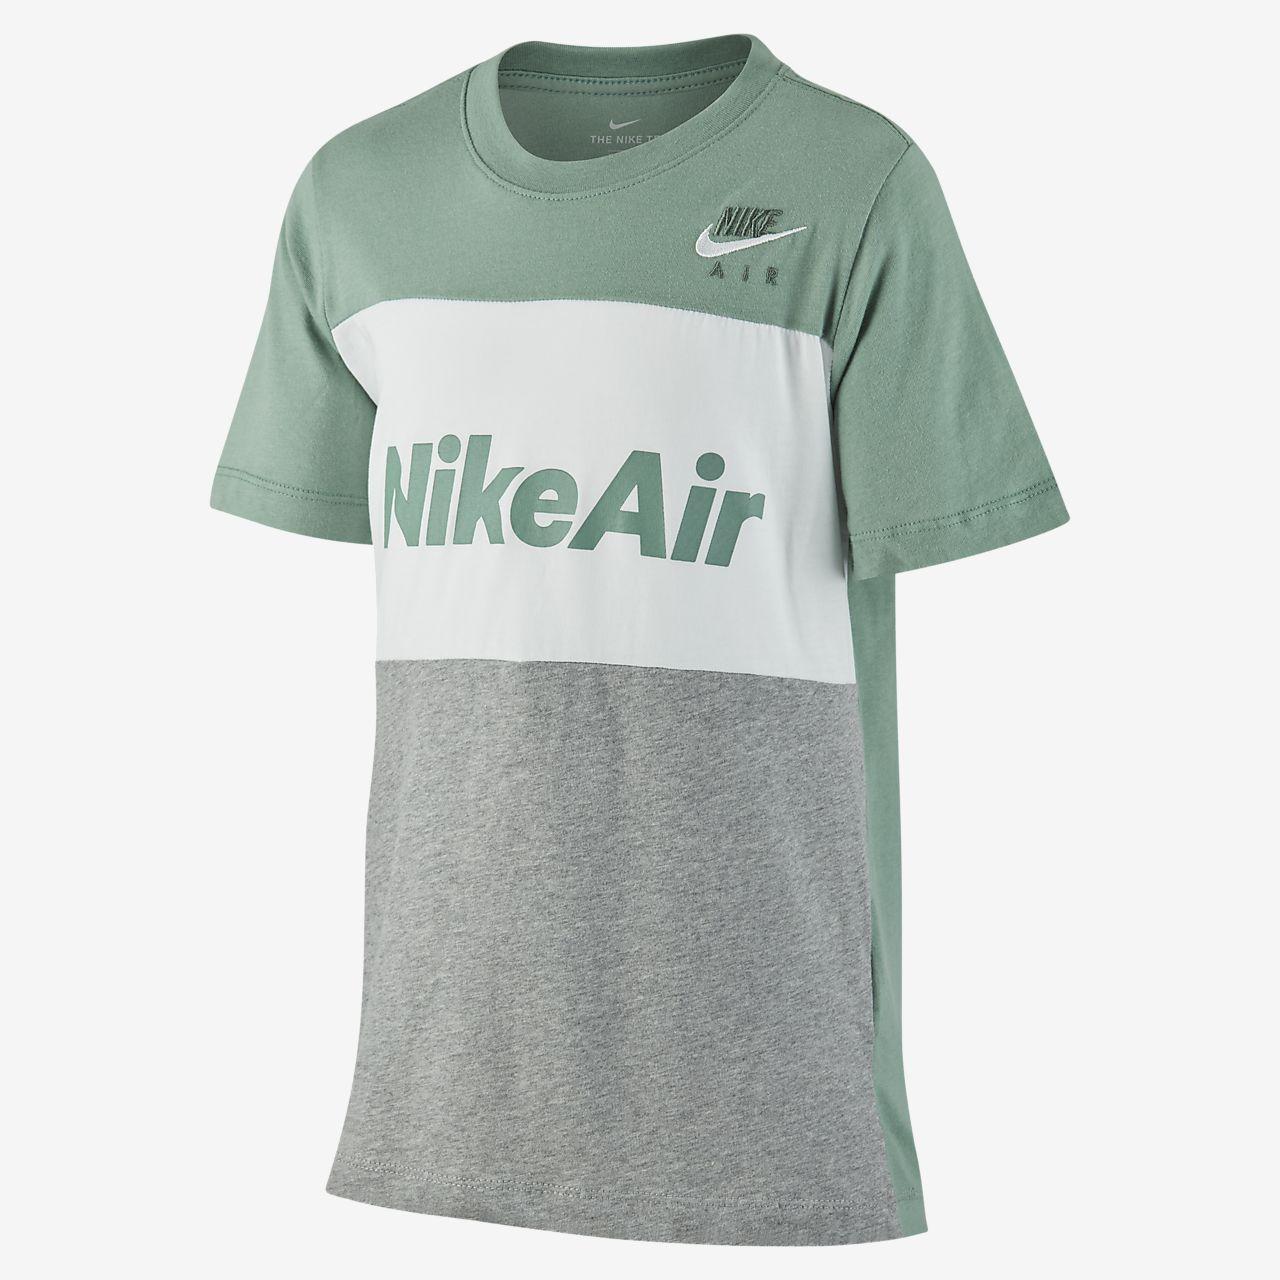 Tee-shirt Nike Air pour Garçon plus âgé